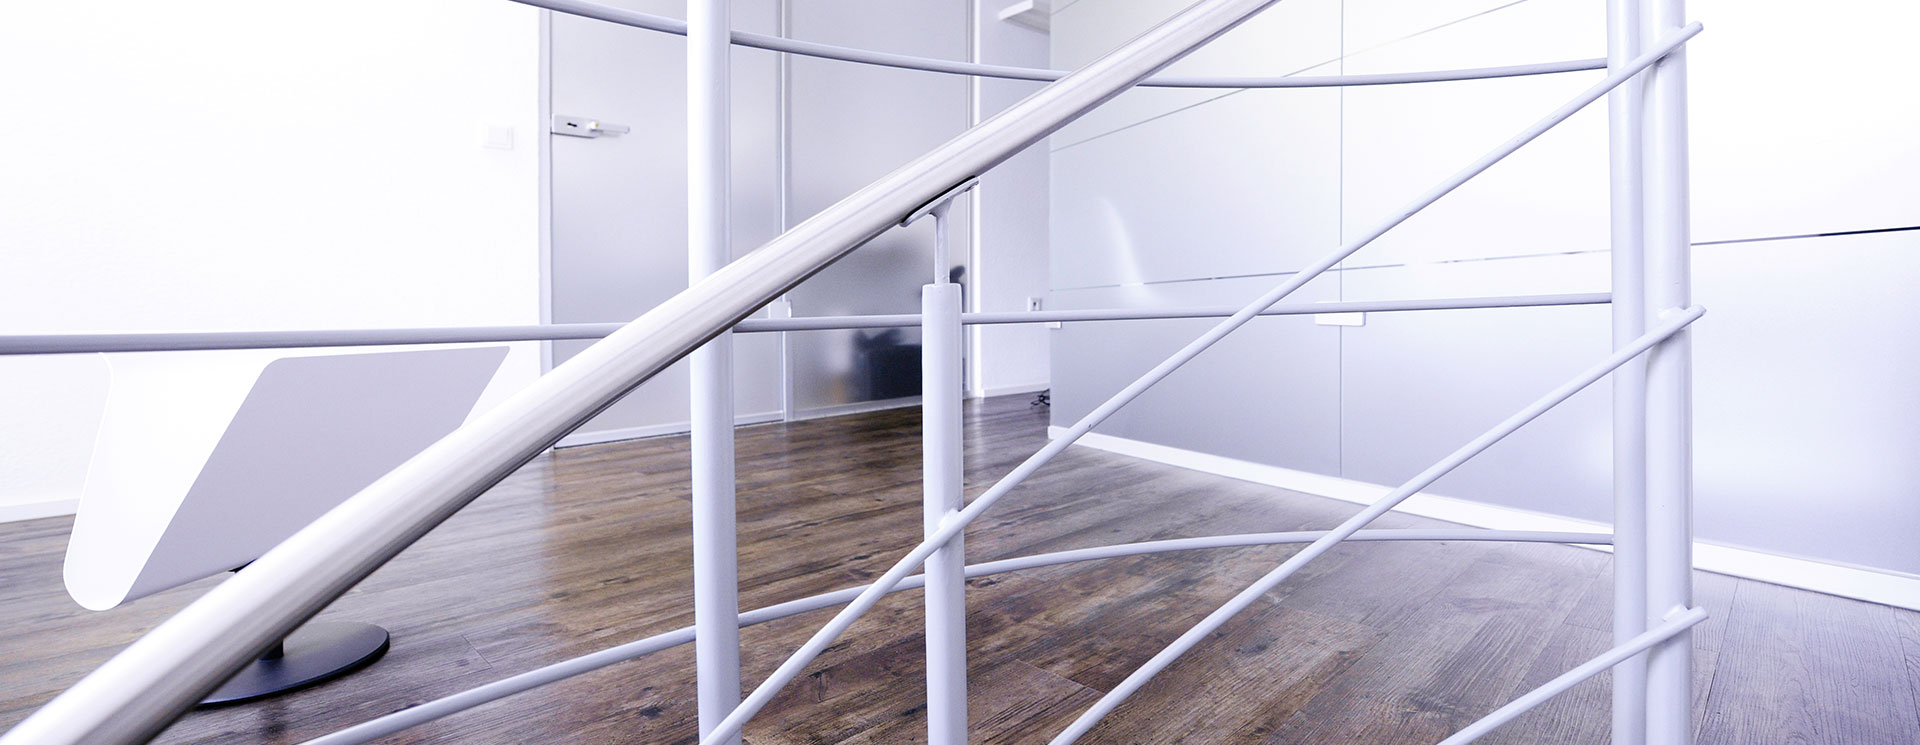 zahnarzt nürnberg dr. meisel - praxis auf zwei etagen 1794